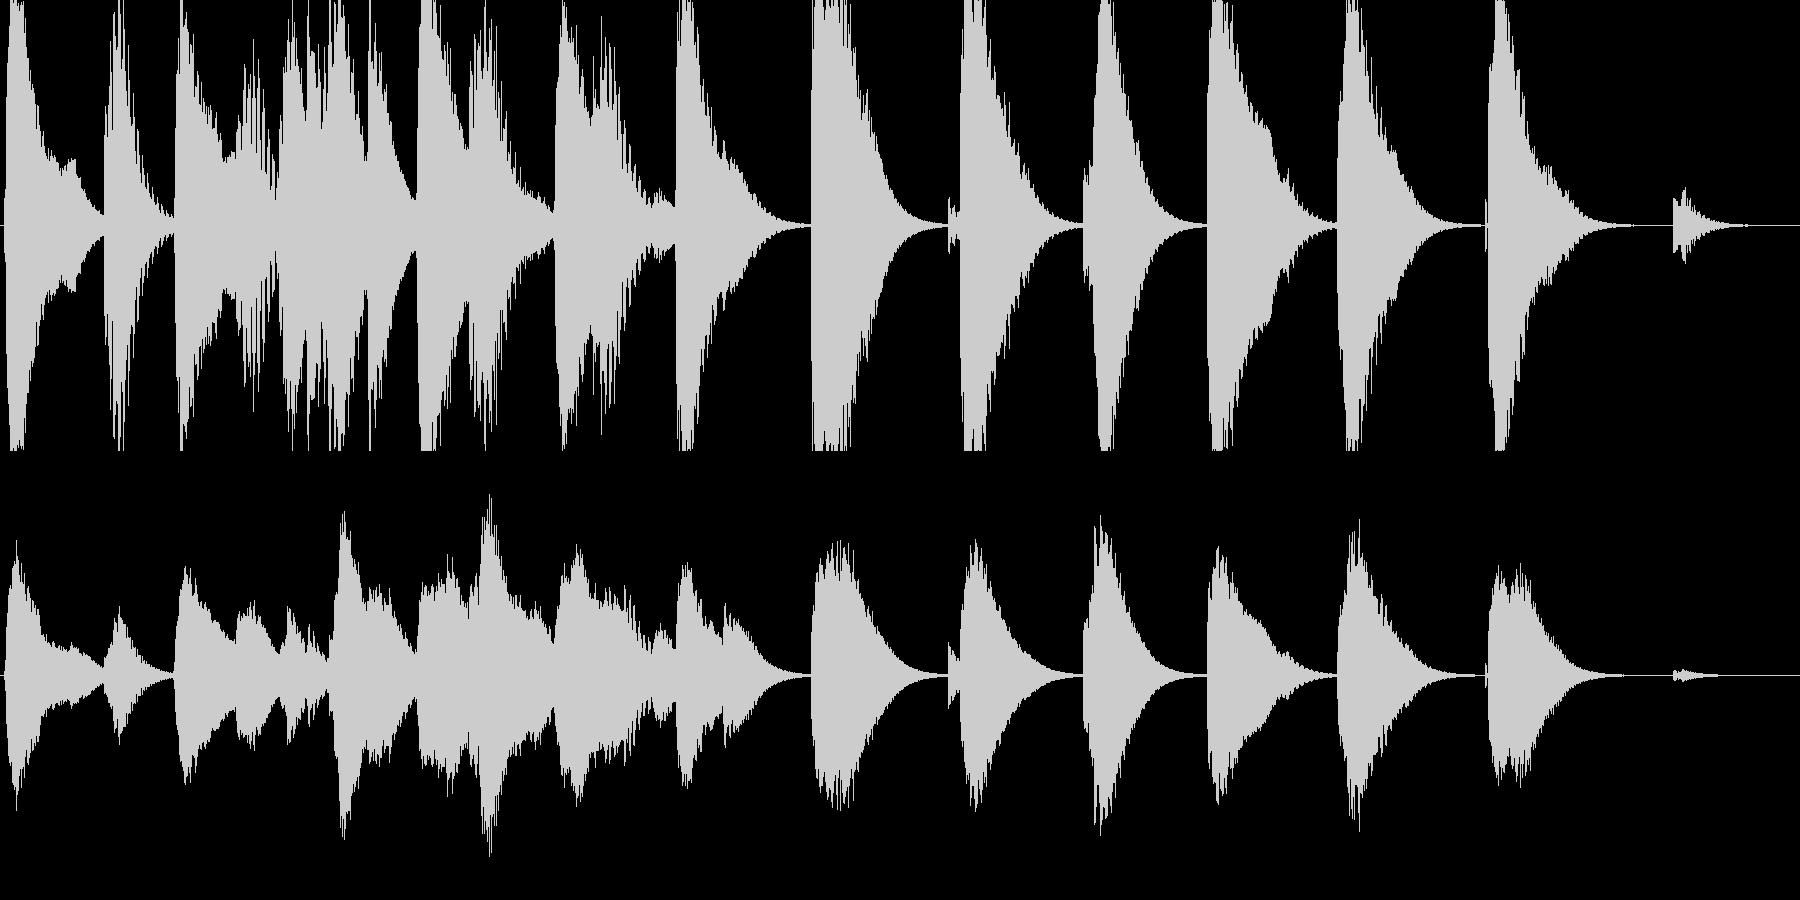 暗めの映画のシーン用に作りましたの未再生の波形